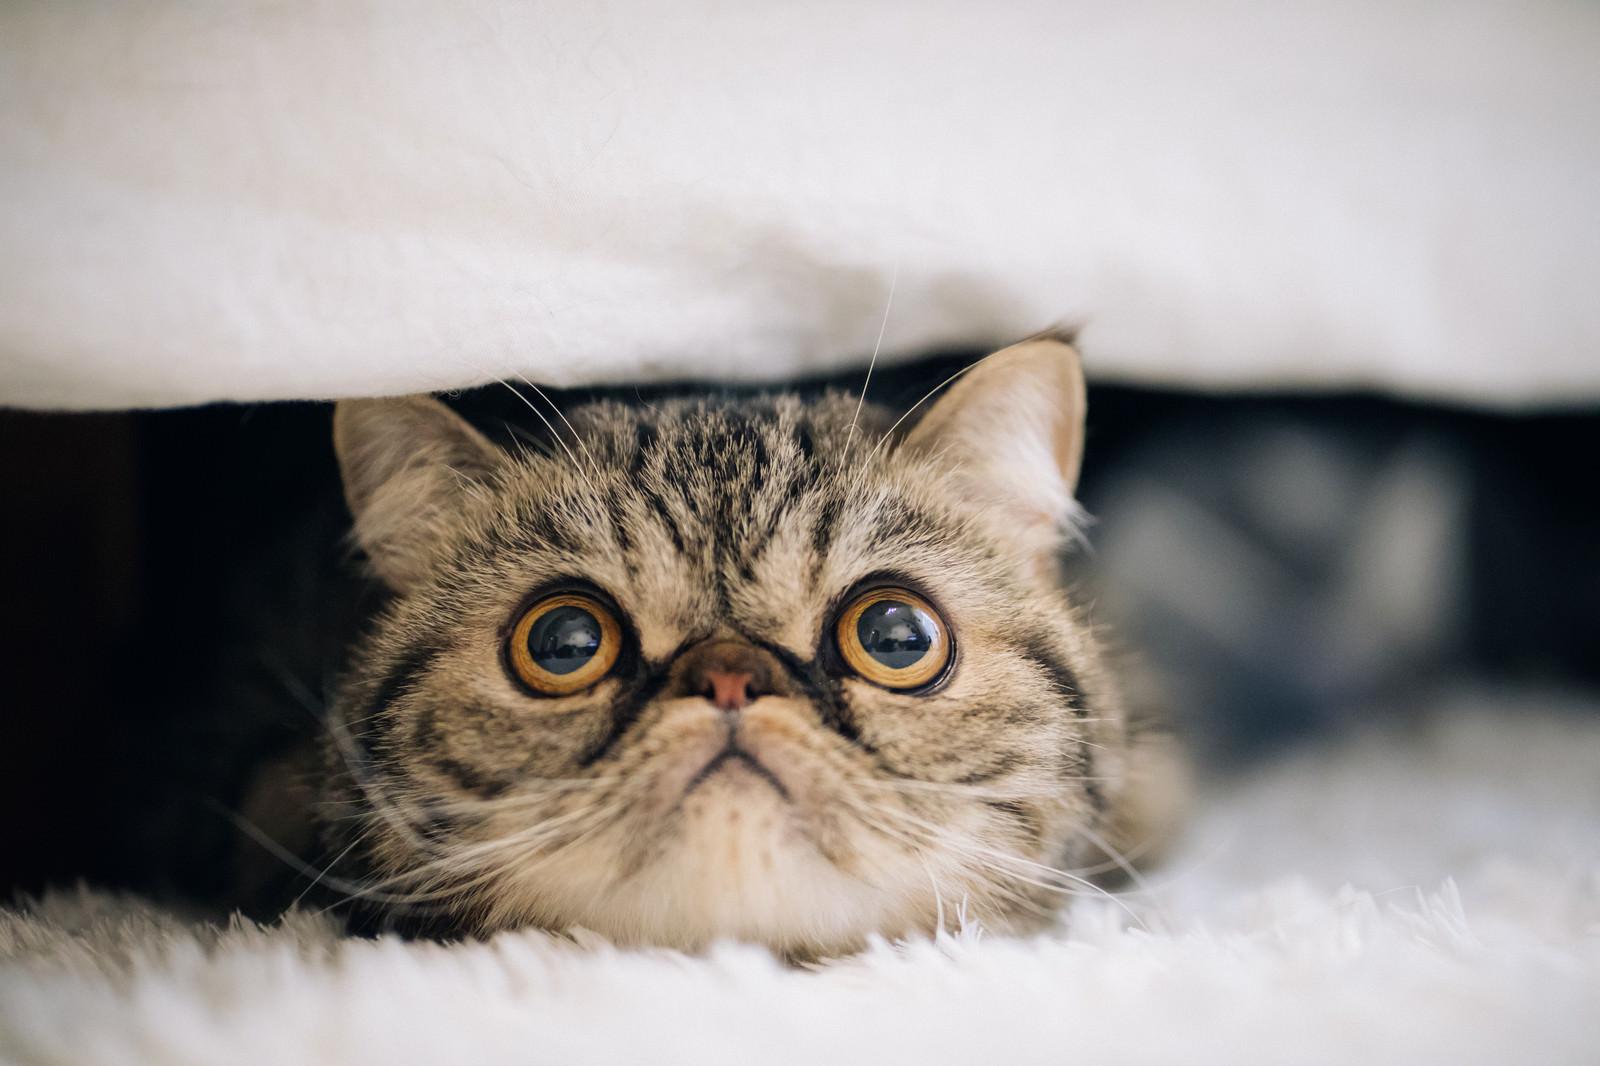 「目を見開いた猫(エキゾチックショートヘア)」